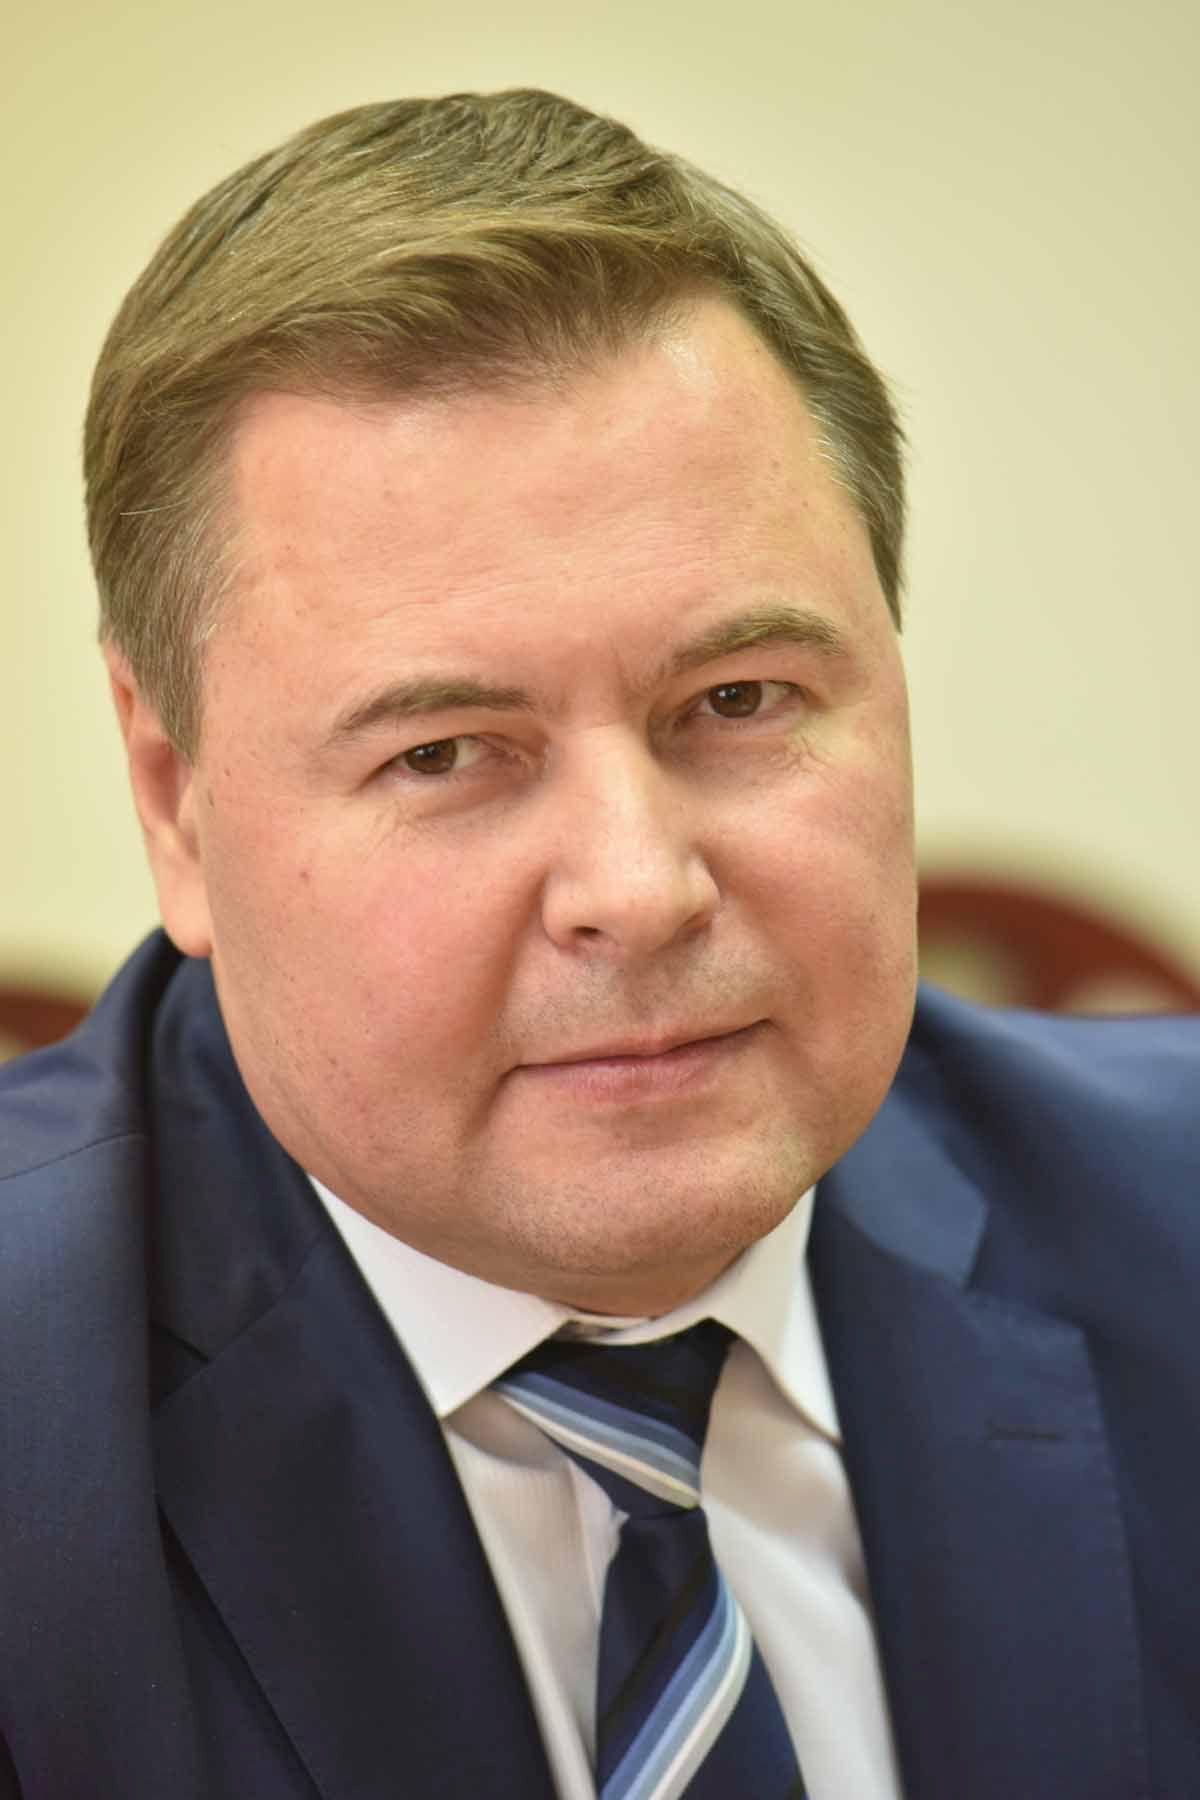 Дмитрий Свиридов: тесное взаимодействие муниципалитета и градообразующего предприятия обеспечивает высокое качество жизни в Норильске